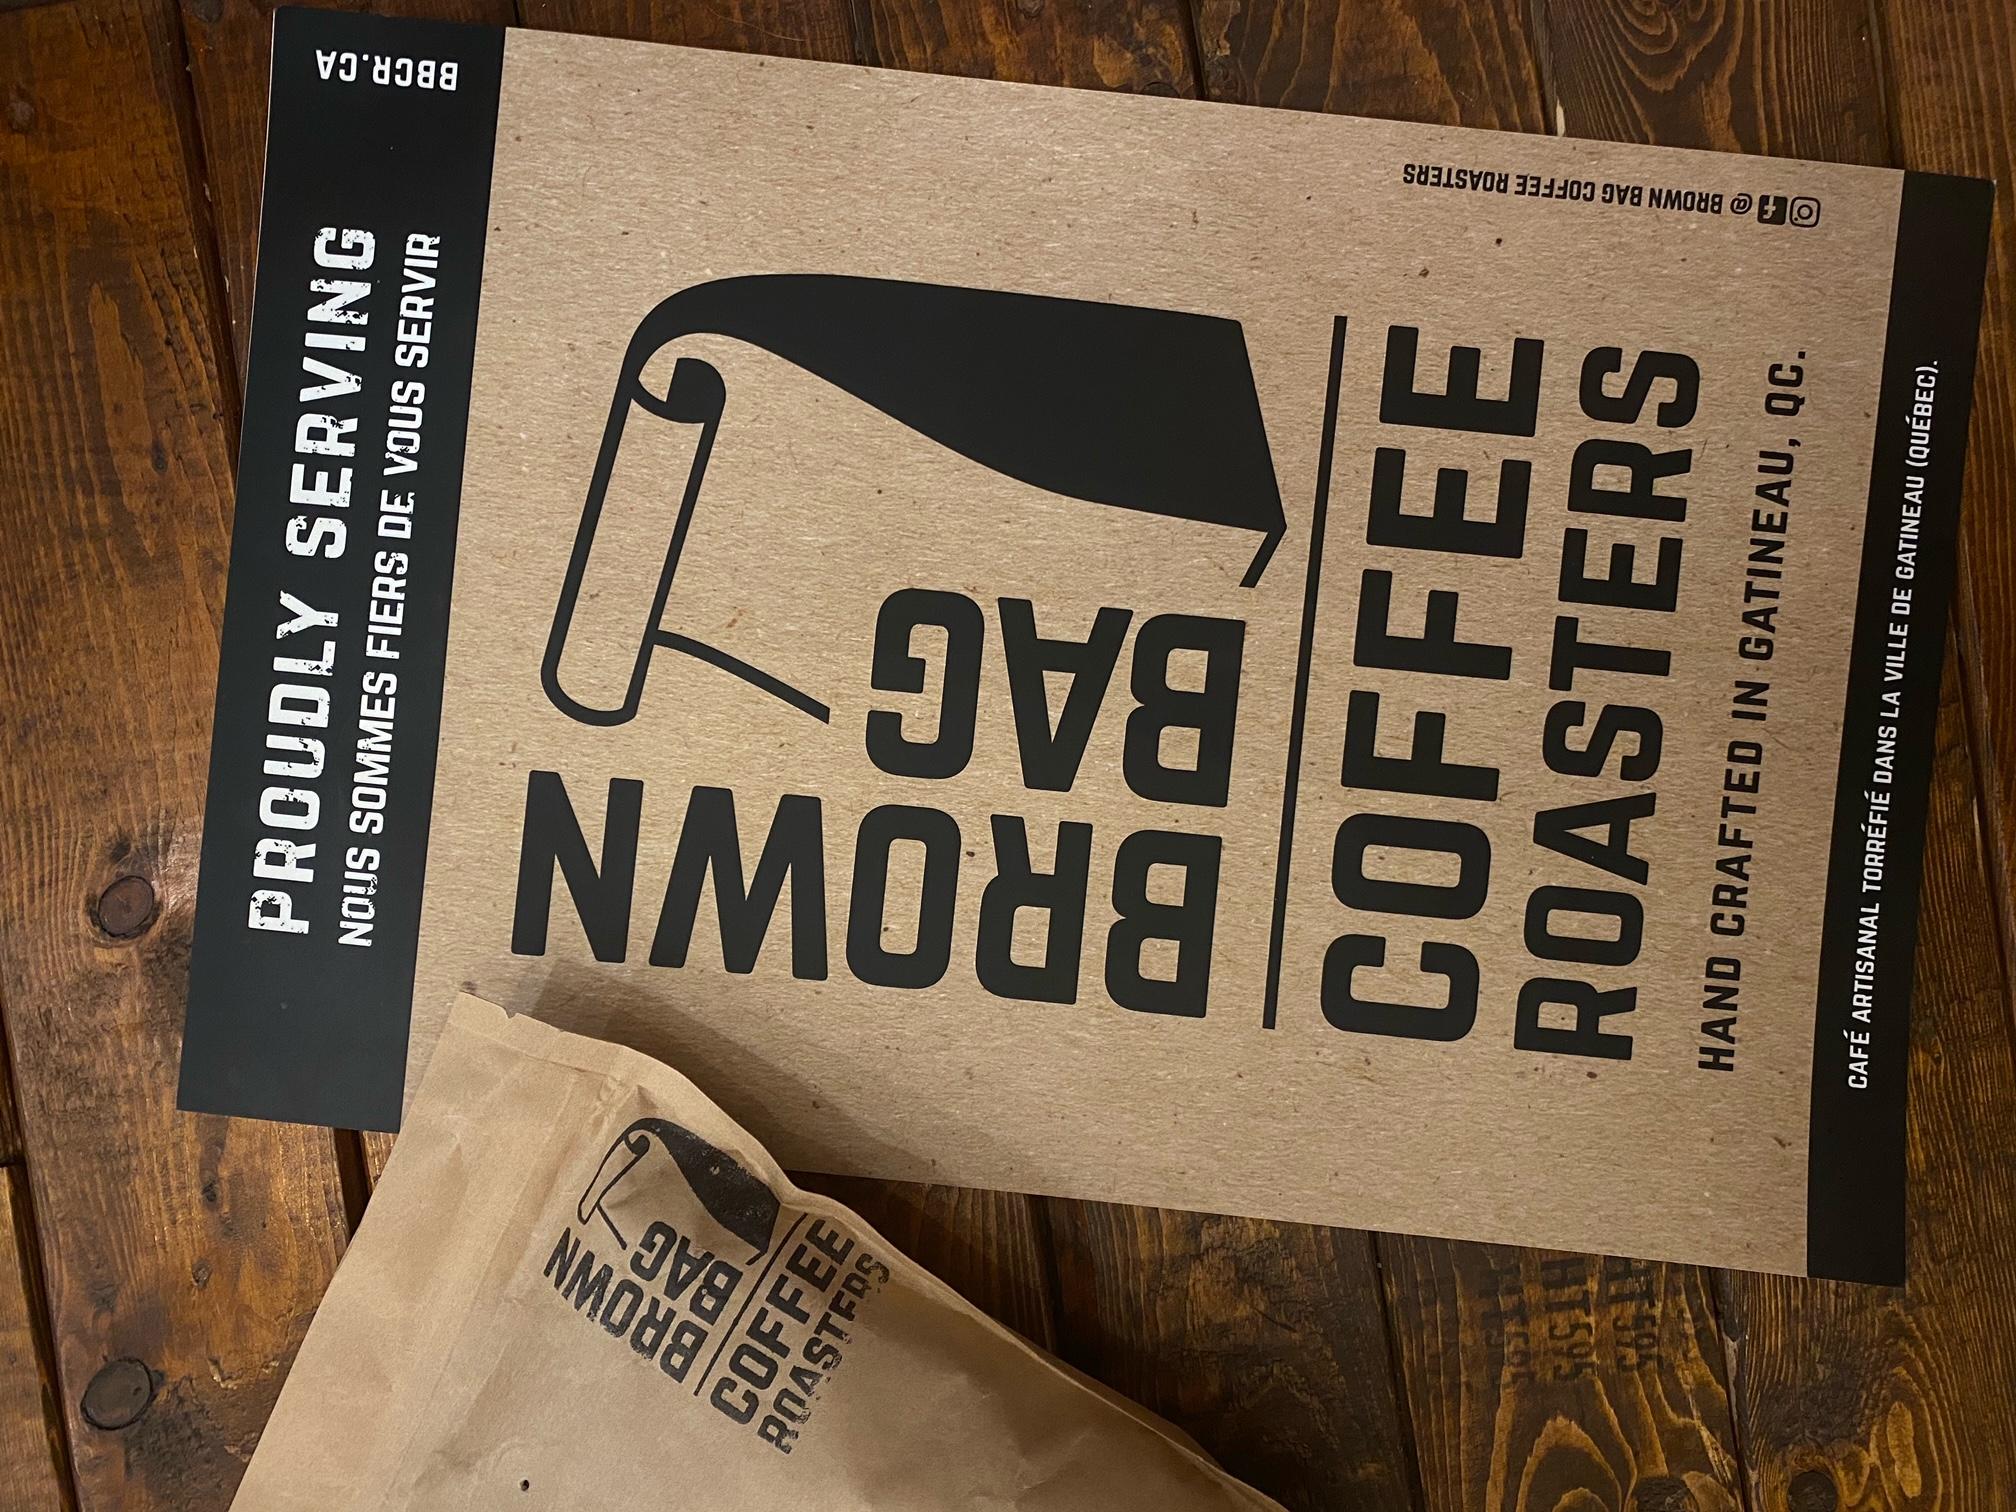 Coffee Roasters by Brown Bag Coffee